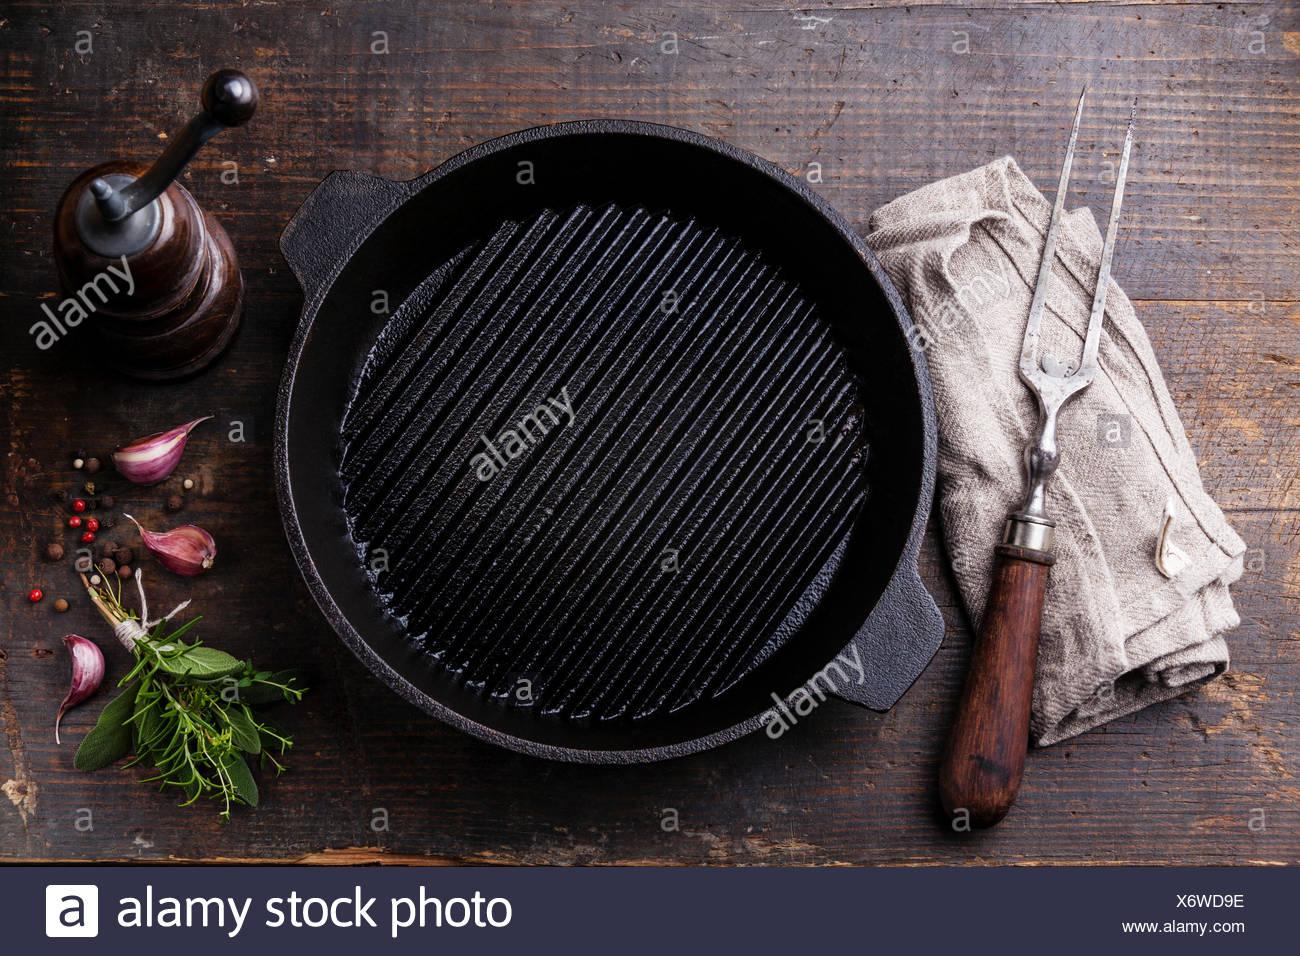 Schwarzes Eisen leeren Grillpfanne und Fleisch Gabel auf Holz Textur Hintergrund Stockbild